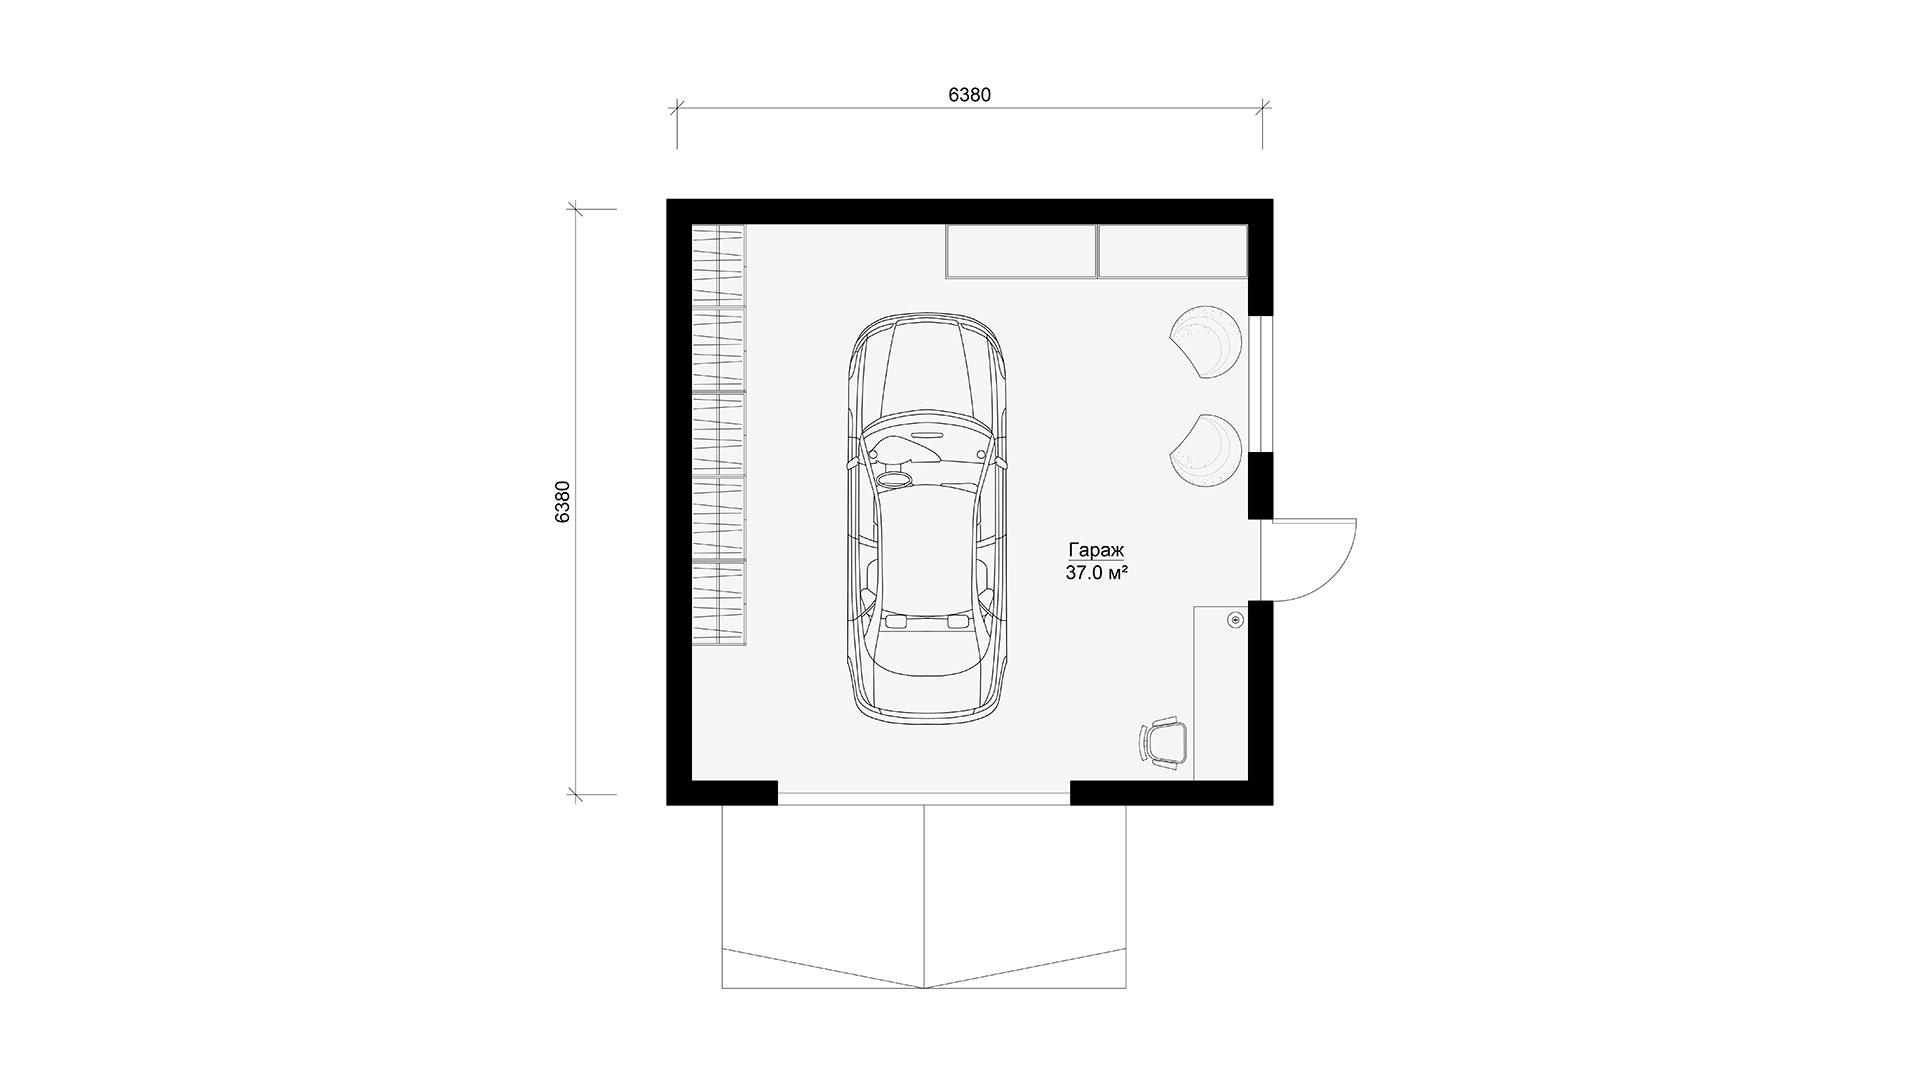 Гараж одноэтажный 6 на 6 метров. Планировка.